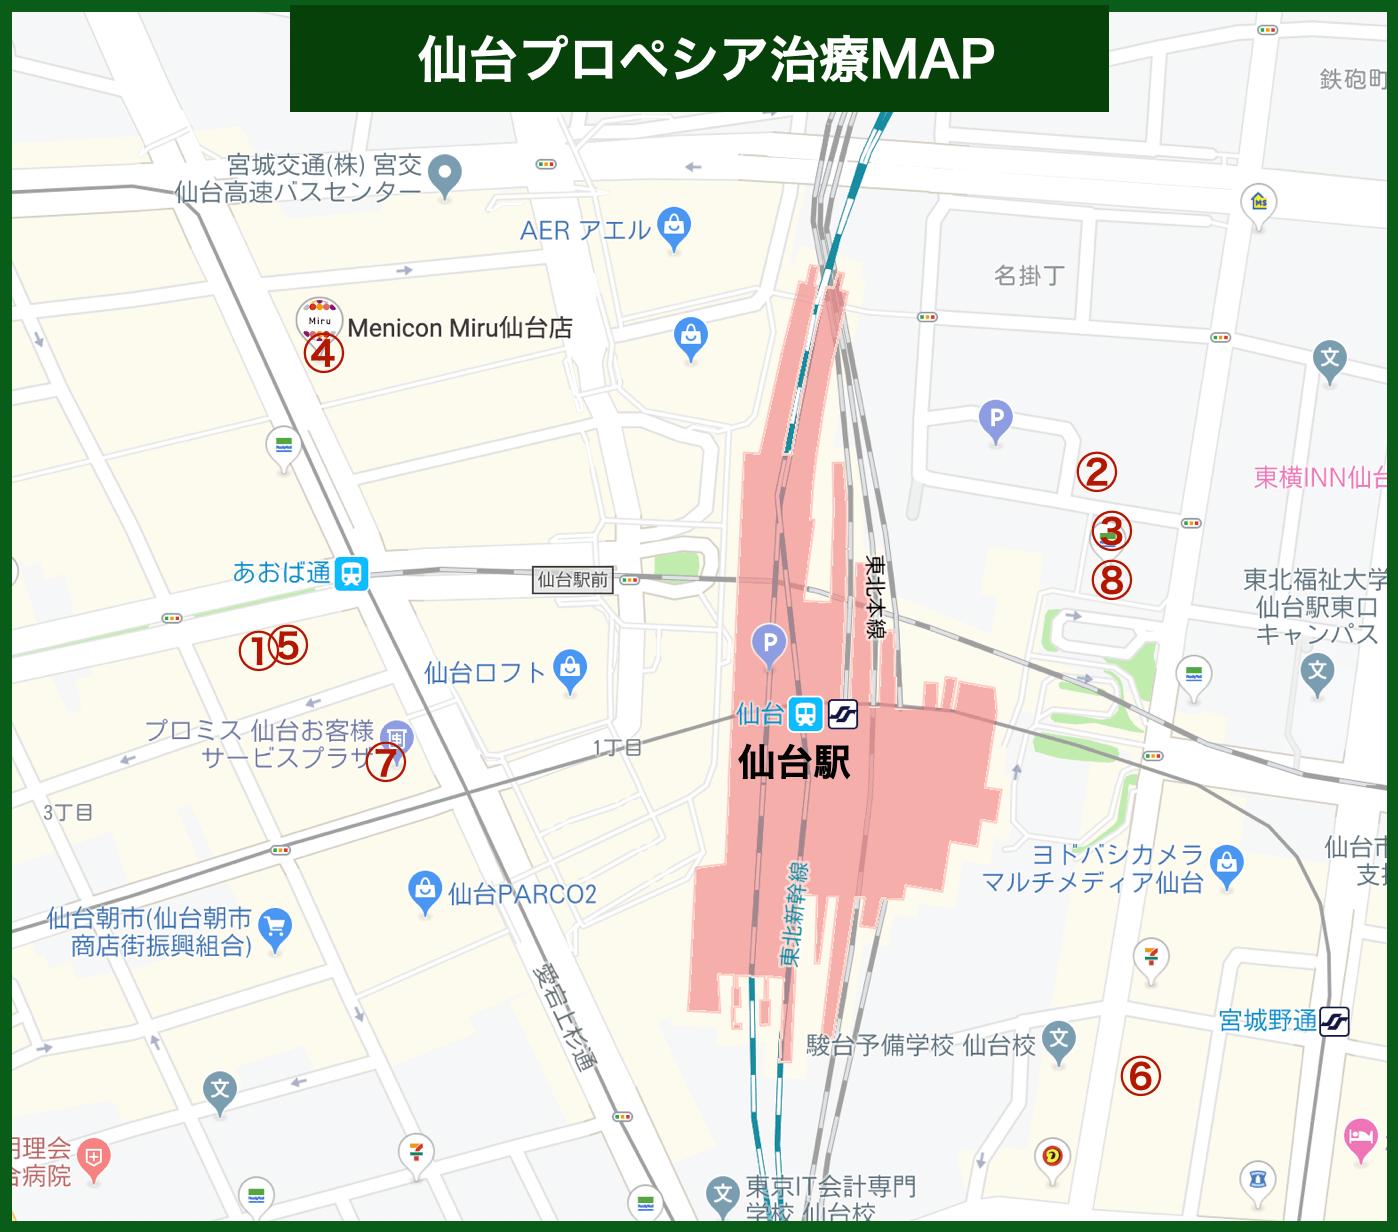 仙台プロペシア治療MAP